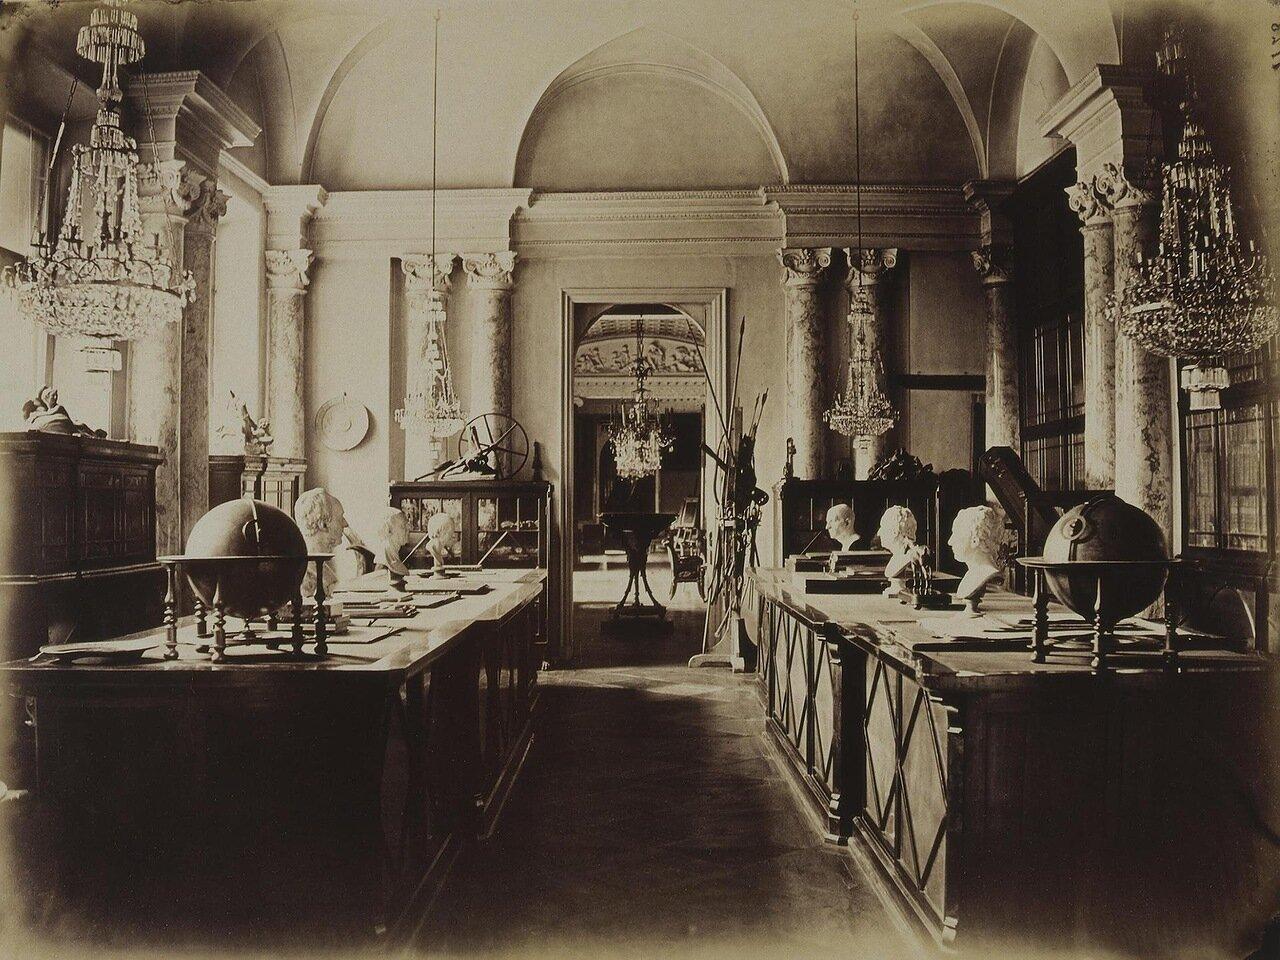 Дворец Строгановых на Невском проспекте. Кабинет-библиотека